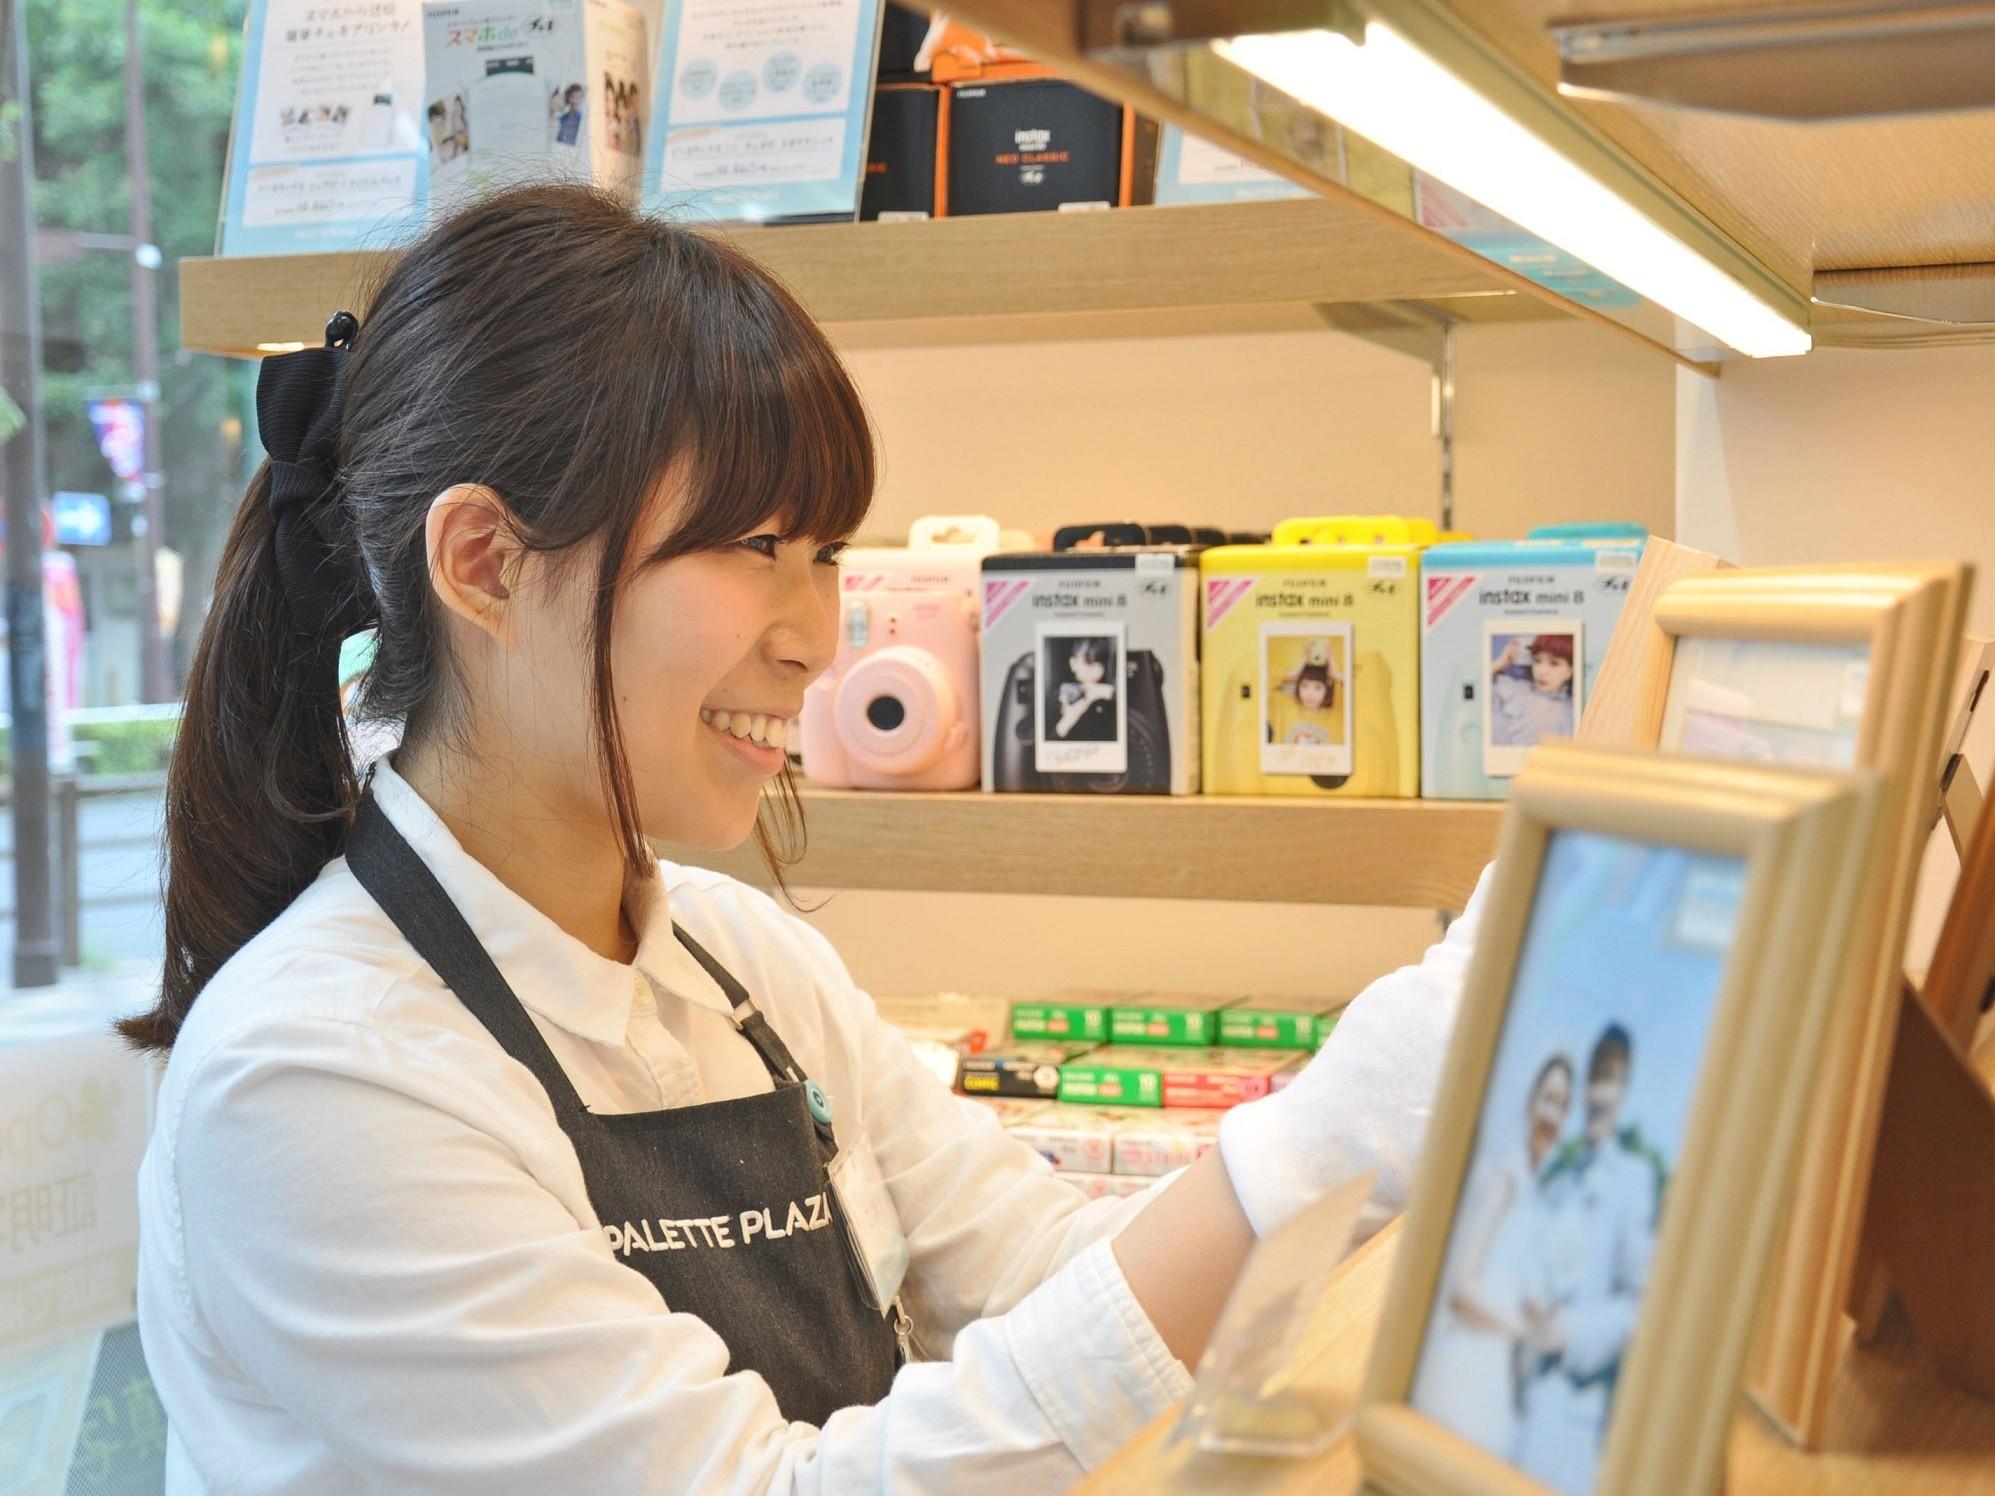 パレットプラザ 東京オペラシティ店<短期募集>のアルバイト情報